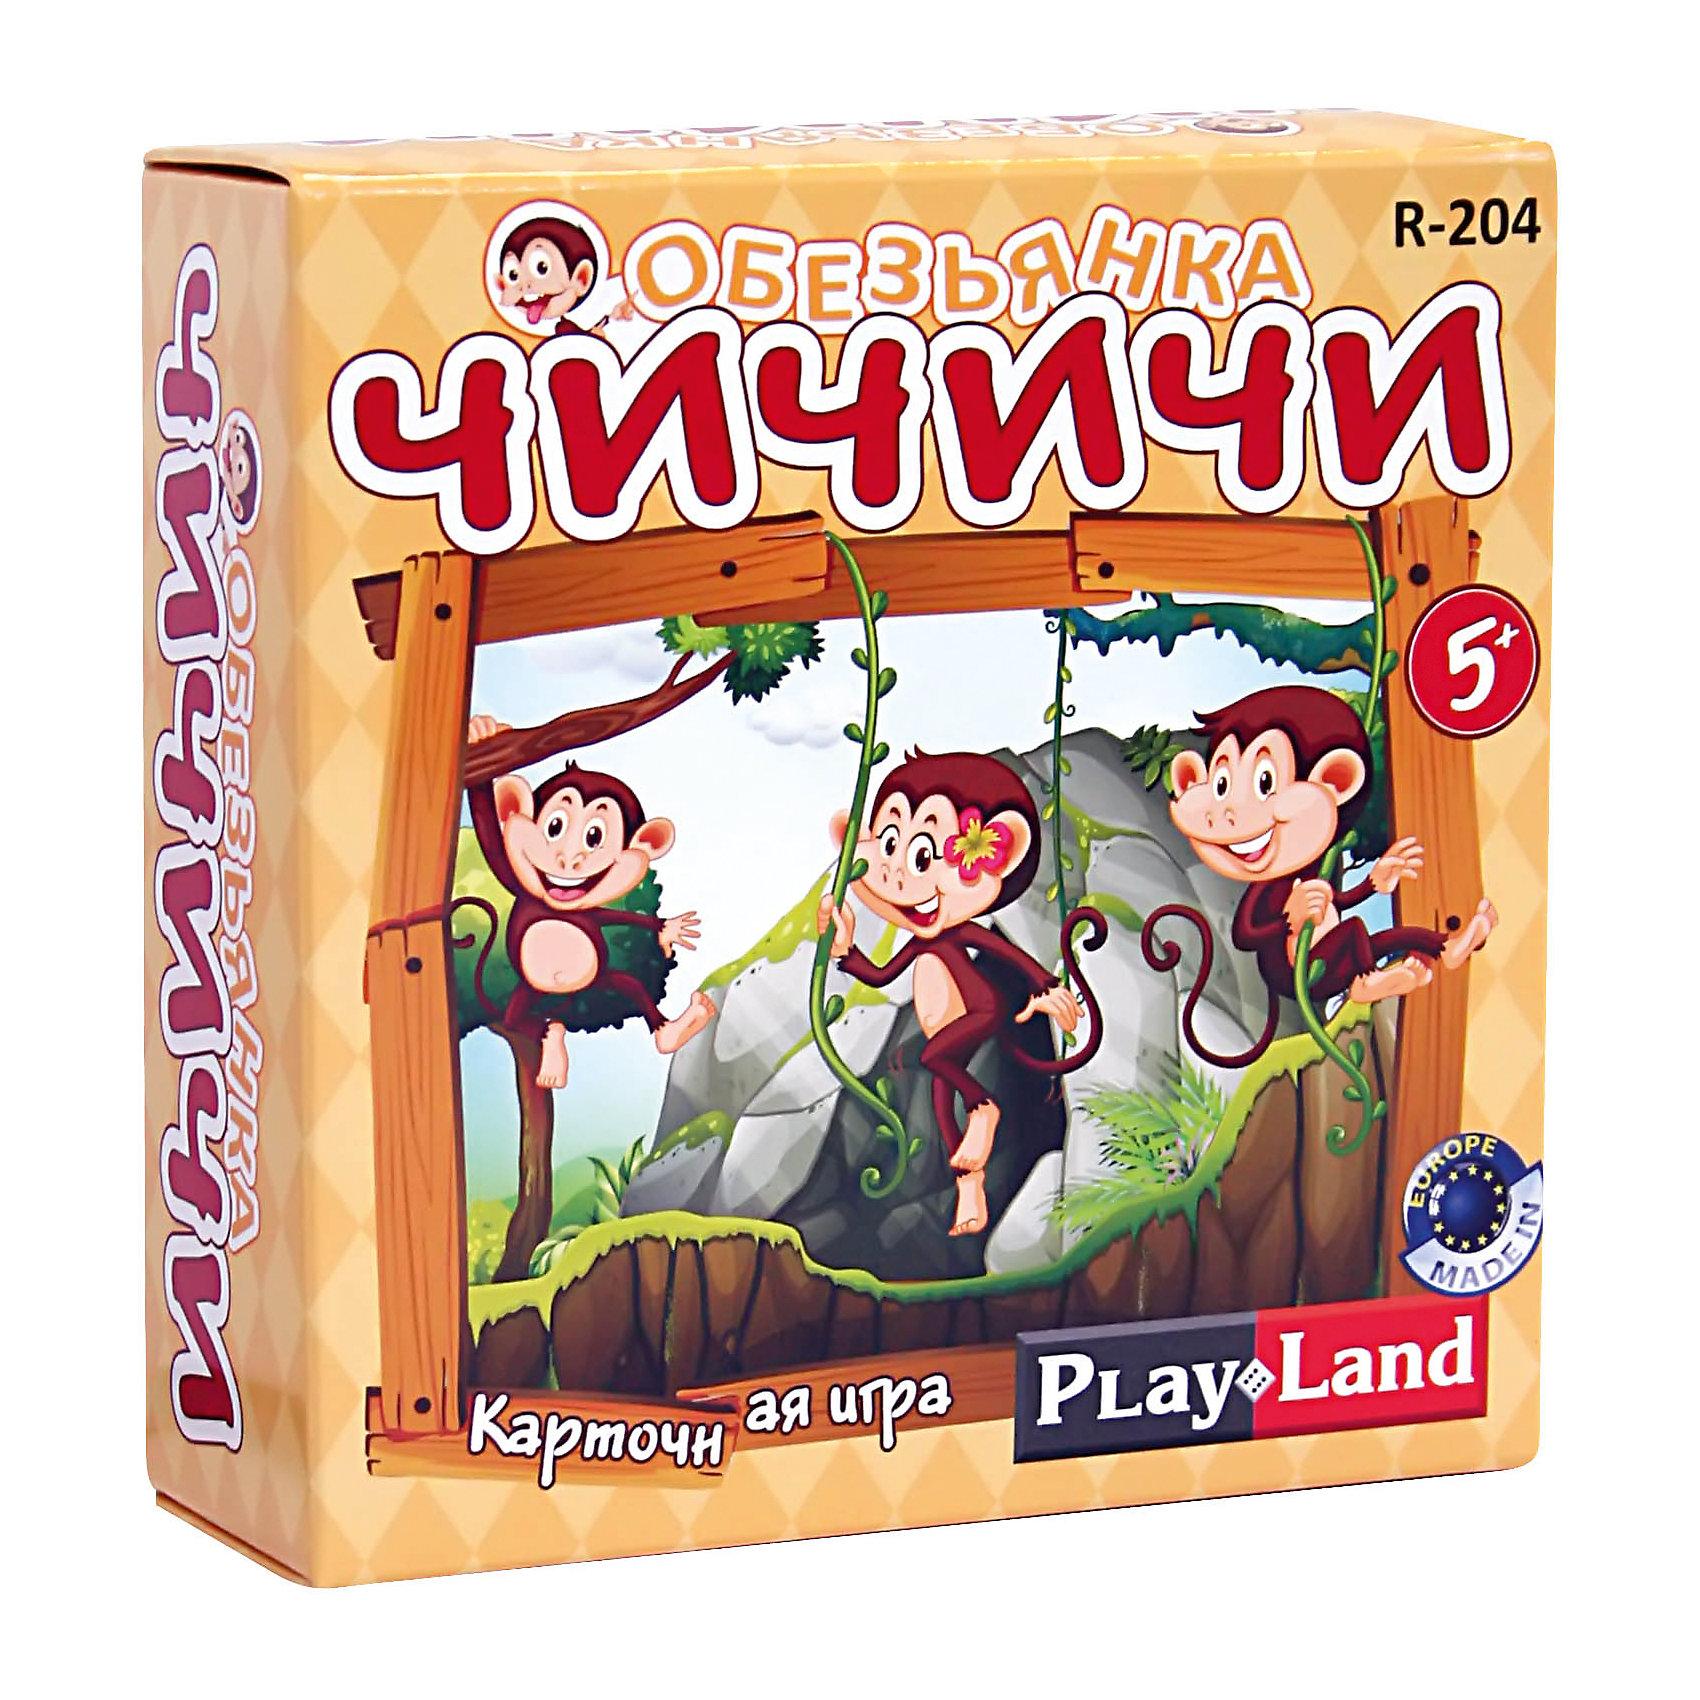 Настольная игра Обезьянка Чичичи, Play LandНастольные игры для всей семьи<br>Характеристики товара:<br><br>• в комплекте:: 56 карт;<br>• количество игроков: 2-4;<br>• время игры: 20 минут;<br>• материал: картон;<br>• возраст: от 5 лет;<br>• размер упаковки: 12х4,5х12,2 см;<br>• вес: 122 грамма;<br>• страна бренда: Болгария.<br><br>«Обезьянка Чи-чи-чи» - развлекательная игра для детей от 5 лет. В набор входят 56 карт с порядковым номером и изображением обезьянок.<br><br>Цель игры - первым избавиться от всех карт. В начале игры каждому игроку выдается по 8 карт, остальные карты остаются на столе рубашкой вверх. Одна карта остается рубашкой вниз - эта карта будет стартовой. К стартовой карте необходимо добавить карту из своих восьми карт. Следующий игрок добавляет свою карту к карте предыдущего игрока. Вправо можно выкладывать карту со следующим порядковым номером одного цвета. Влево - карту с предыдущим порядковым номером одного цвета. Вверх и вниз можно положить карту с идентичным номером, но разных цветов.  <br><br>Если подходящей карты нет - игрок забирает одну карту из колоды и ждет следующего хода.<br><br>Настольную игру Обезьянка Чичичи, Play Land (Плей Лэнд) можно купить в нашем интернет-магазине.<br><br>Ширина мм: 122<br>Глубина мм: 45<br>Высота мм: 120<br>Вес г: 160<br>Возраст от месяцев: 60<br>Возраст до месяцев: 168<br>Пол: Унисекс<br>Возраст: Детский<br>SKU: 6893359